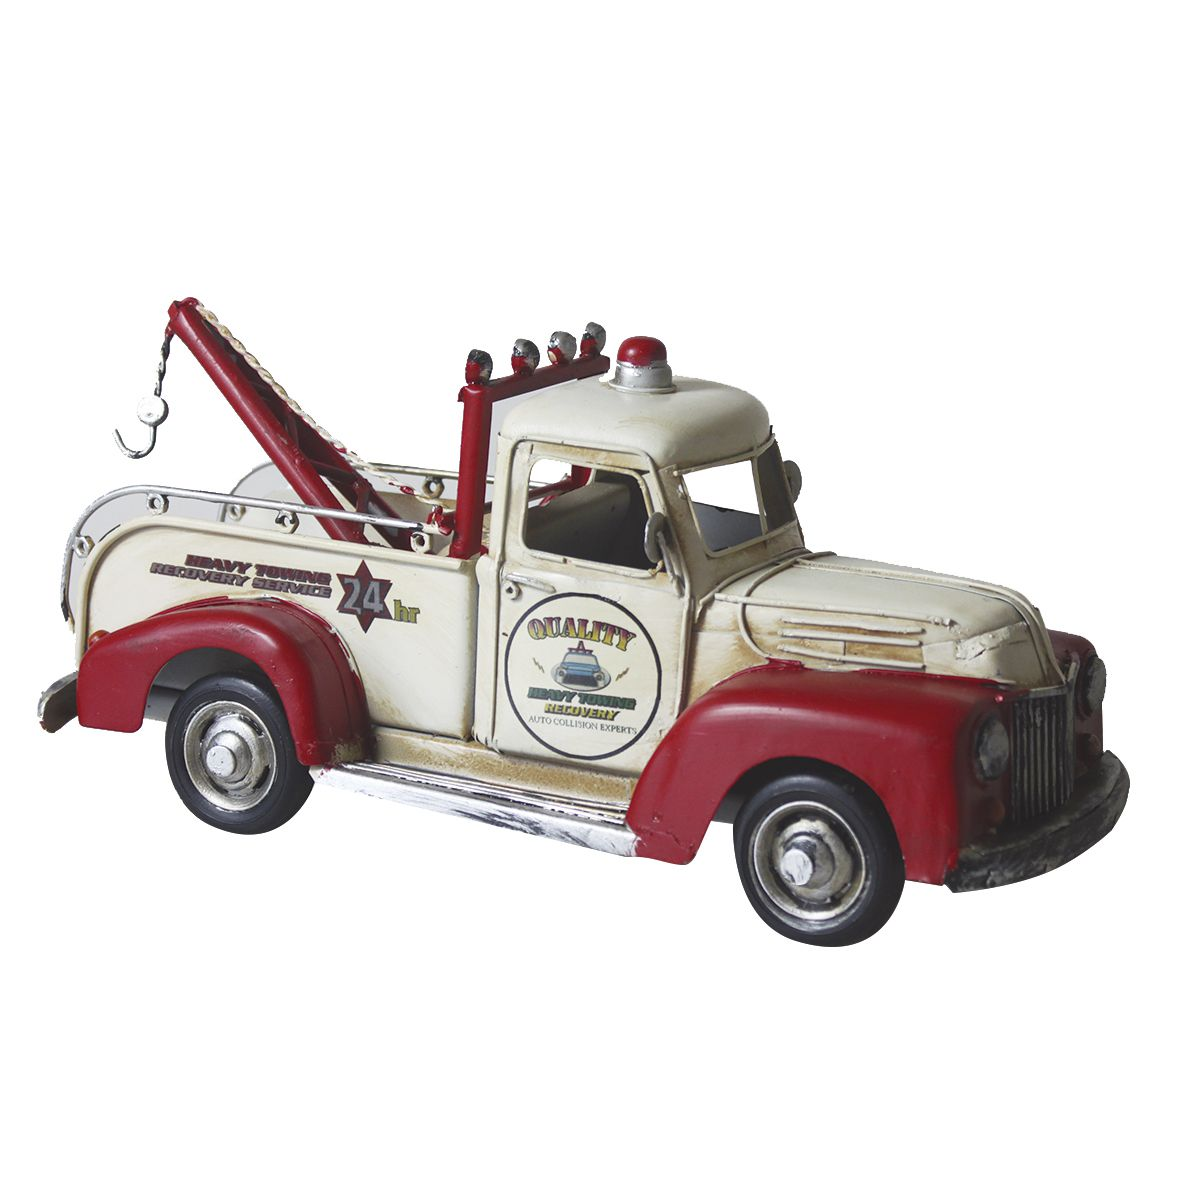 Carro de Metal Retrô - Guincho Vermelho e Branco Quality 24hr